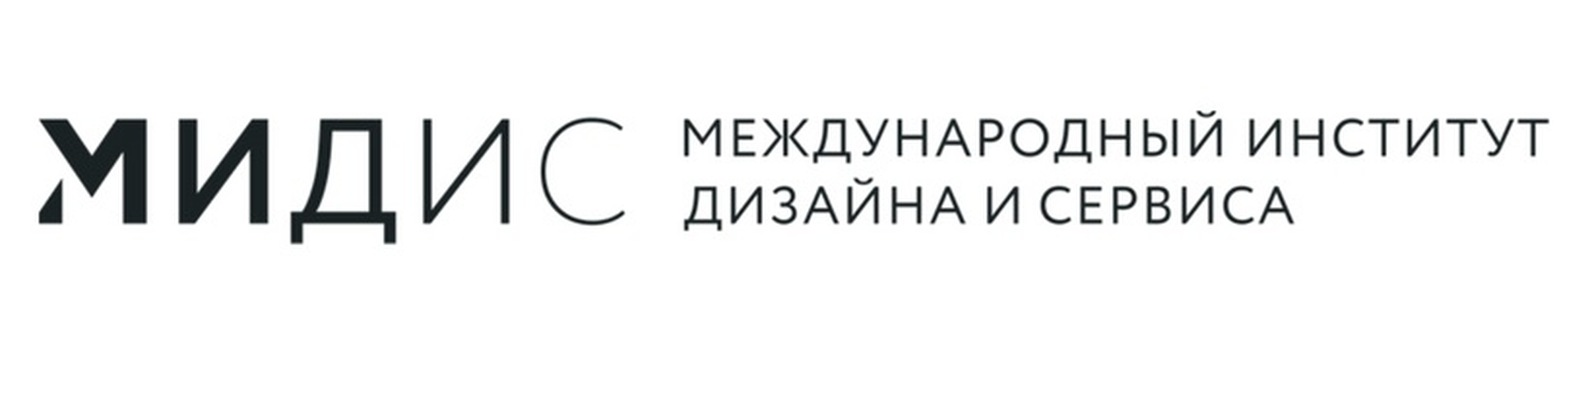 Международный Институт Дизайна и Сервиса